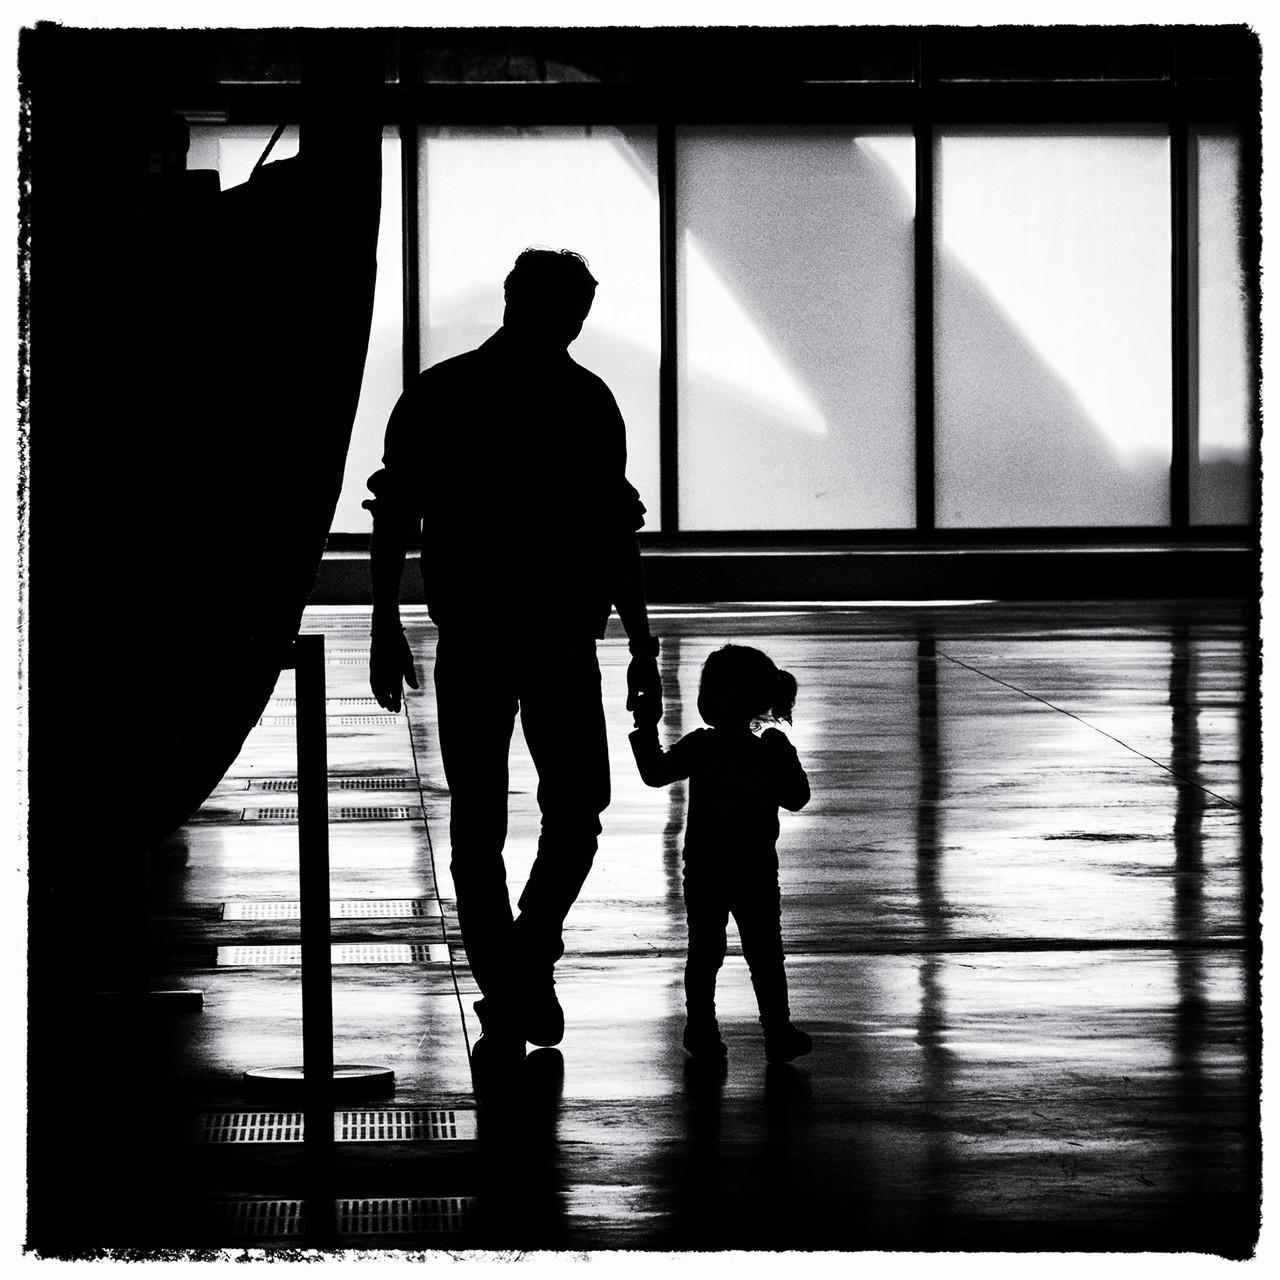 Laurent Scelles-L'homme à l'enfant